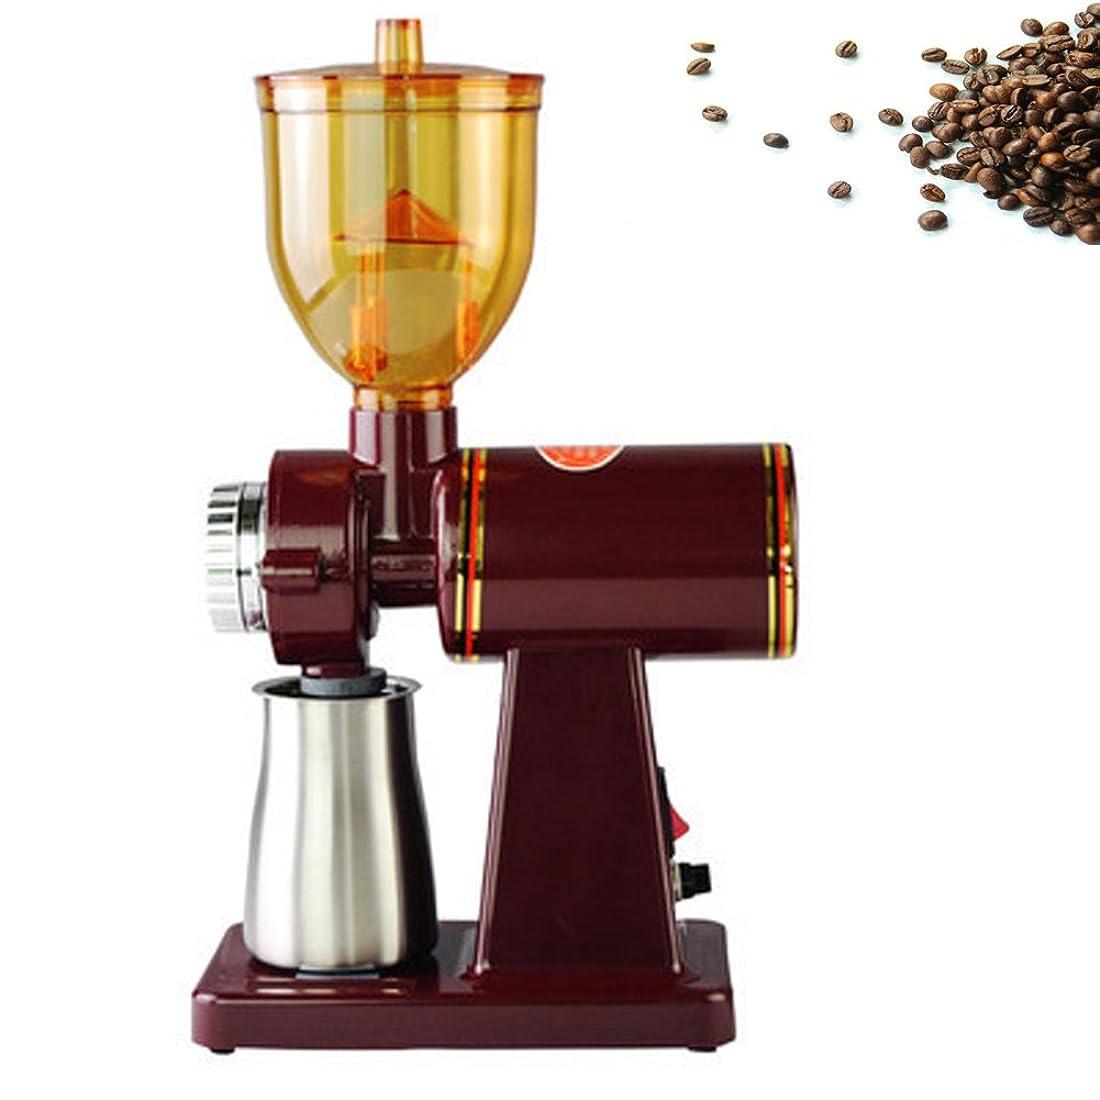 HONFAM 電動コーヒーグラインダー コーヒーミル 粗さ調節可能 レッド 110V